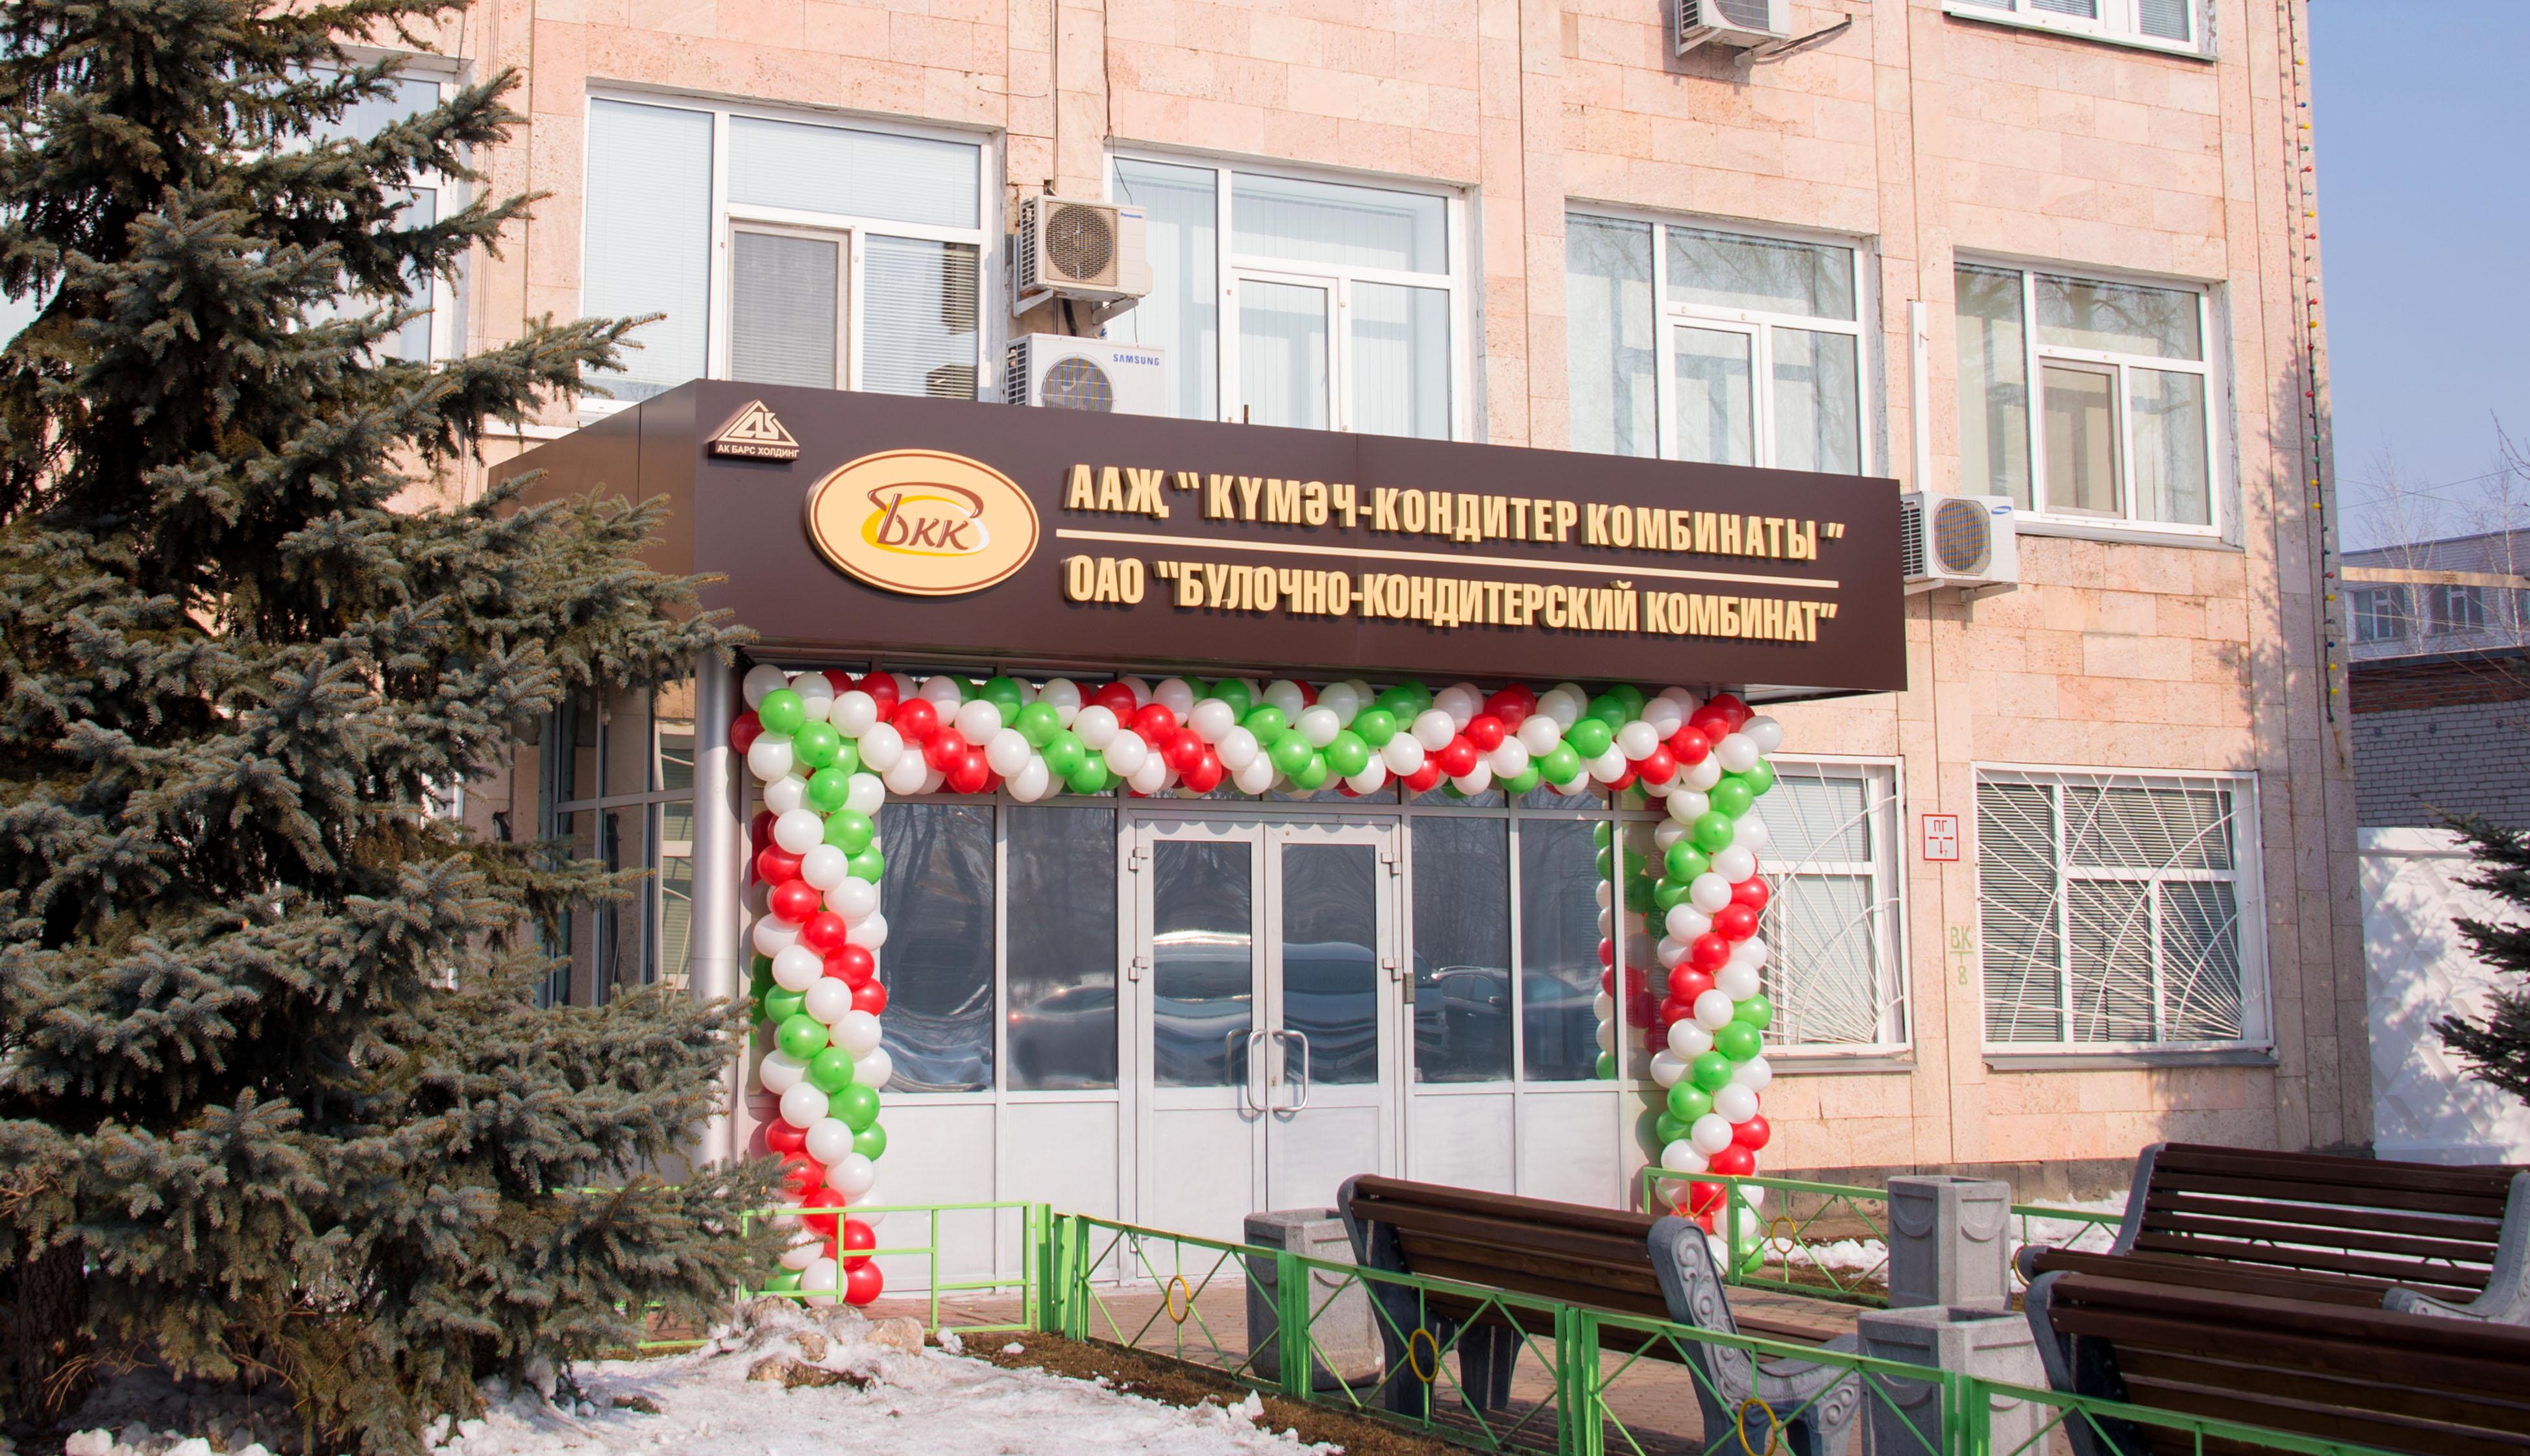 Вывеска для ОАО «Булочно-Кондитерский комбинат» в Казани